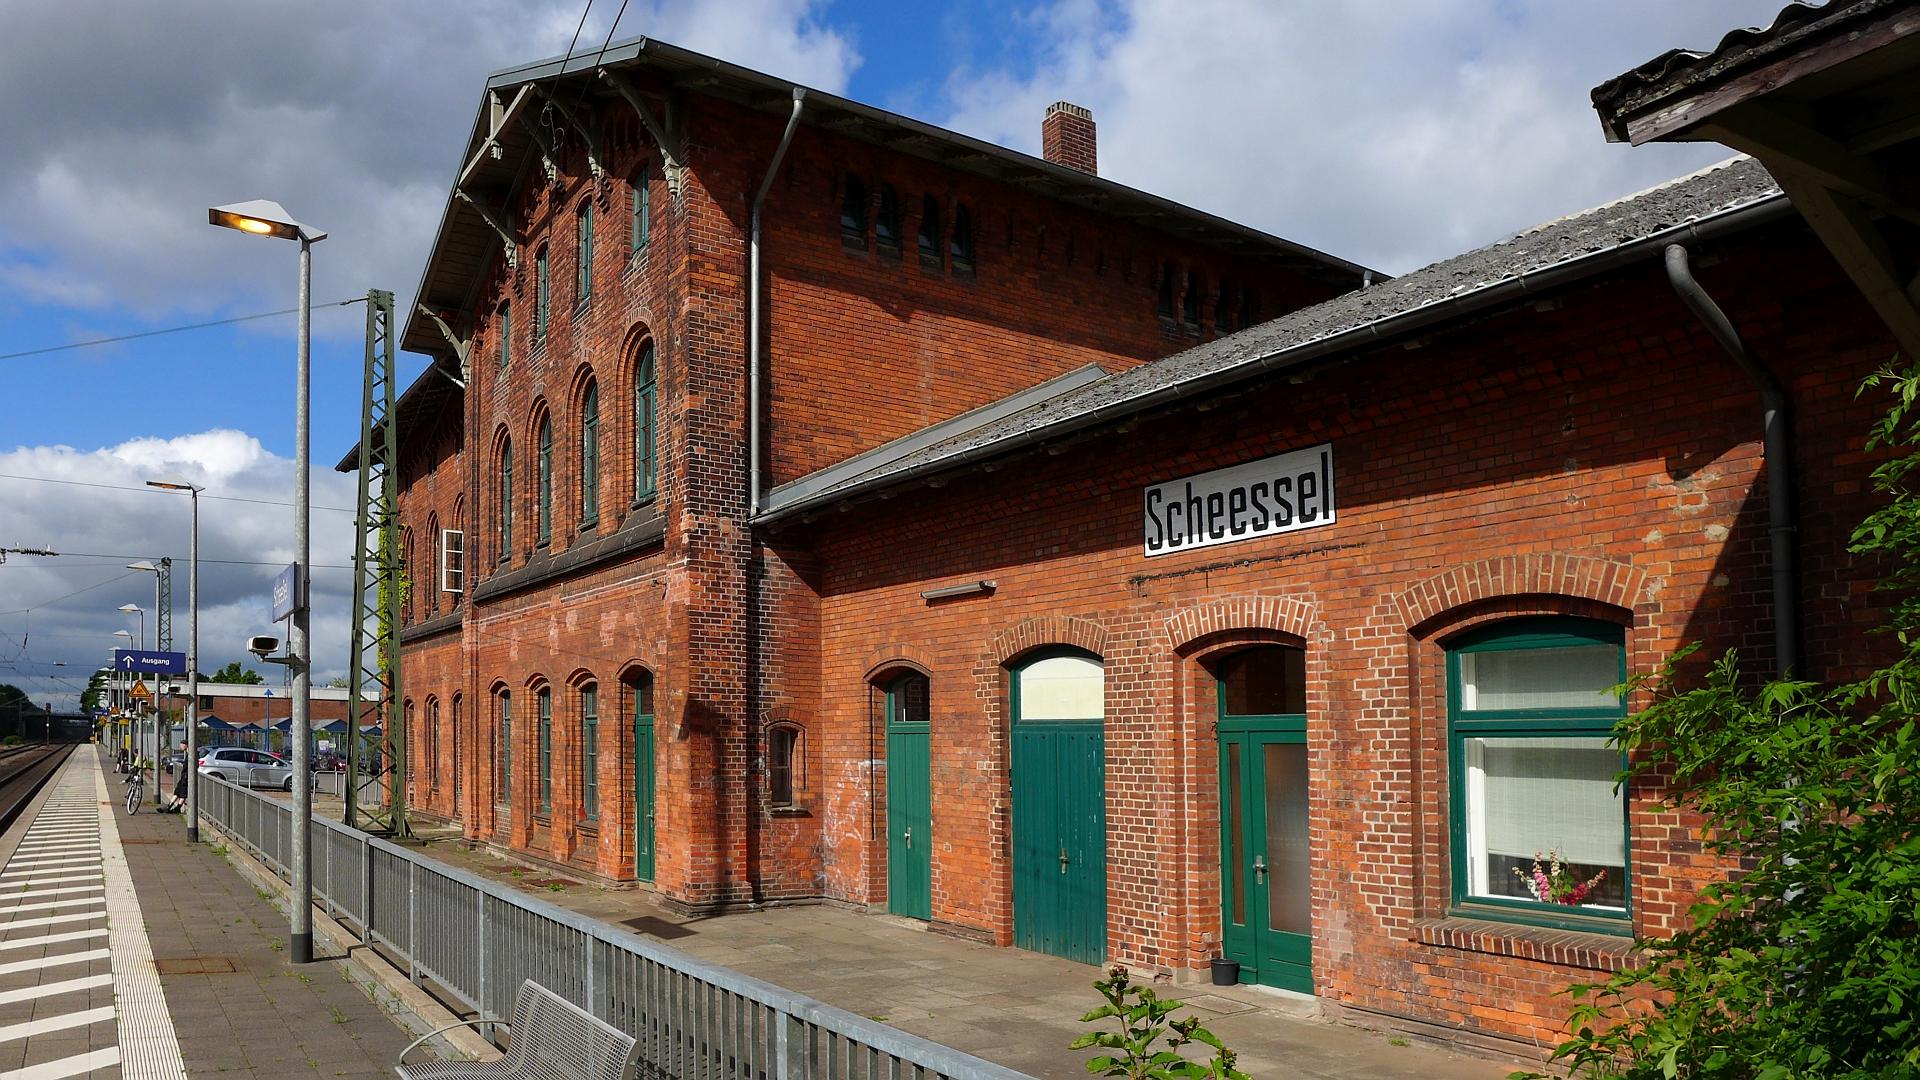 Bahnhof Scheeßel